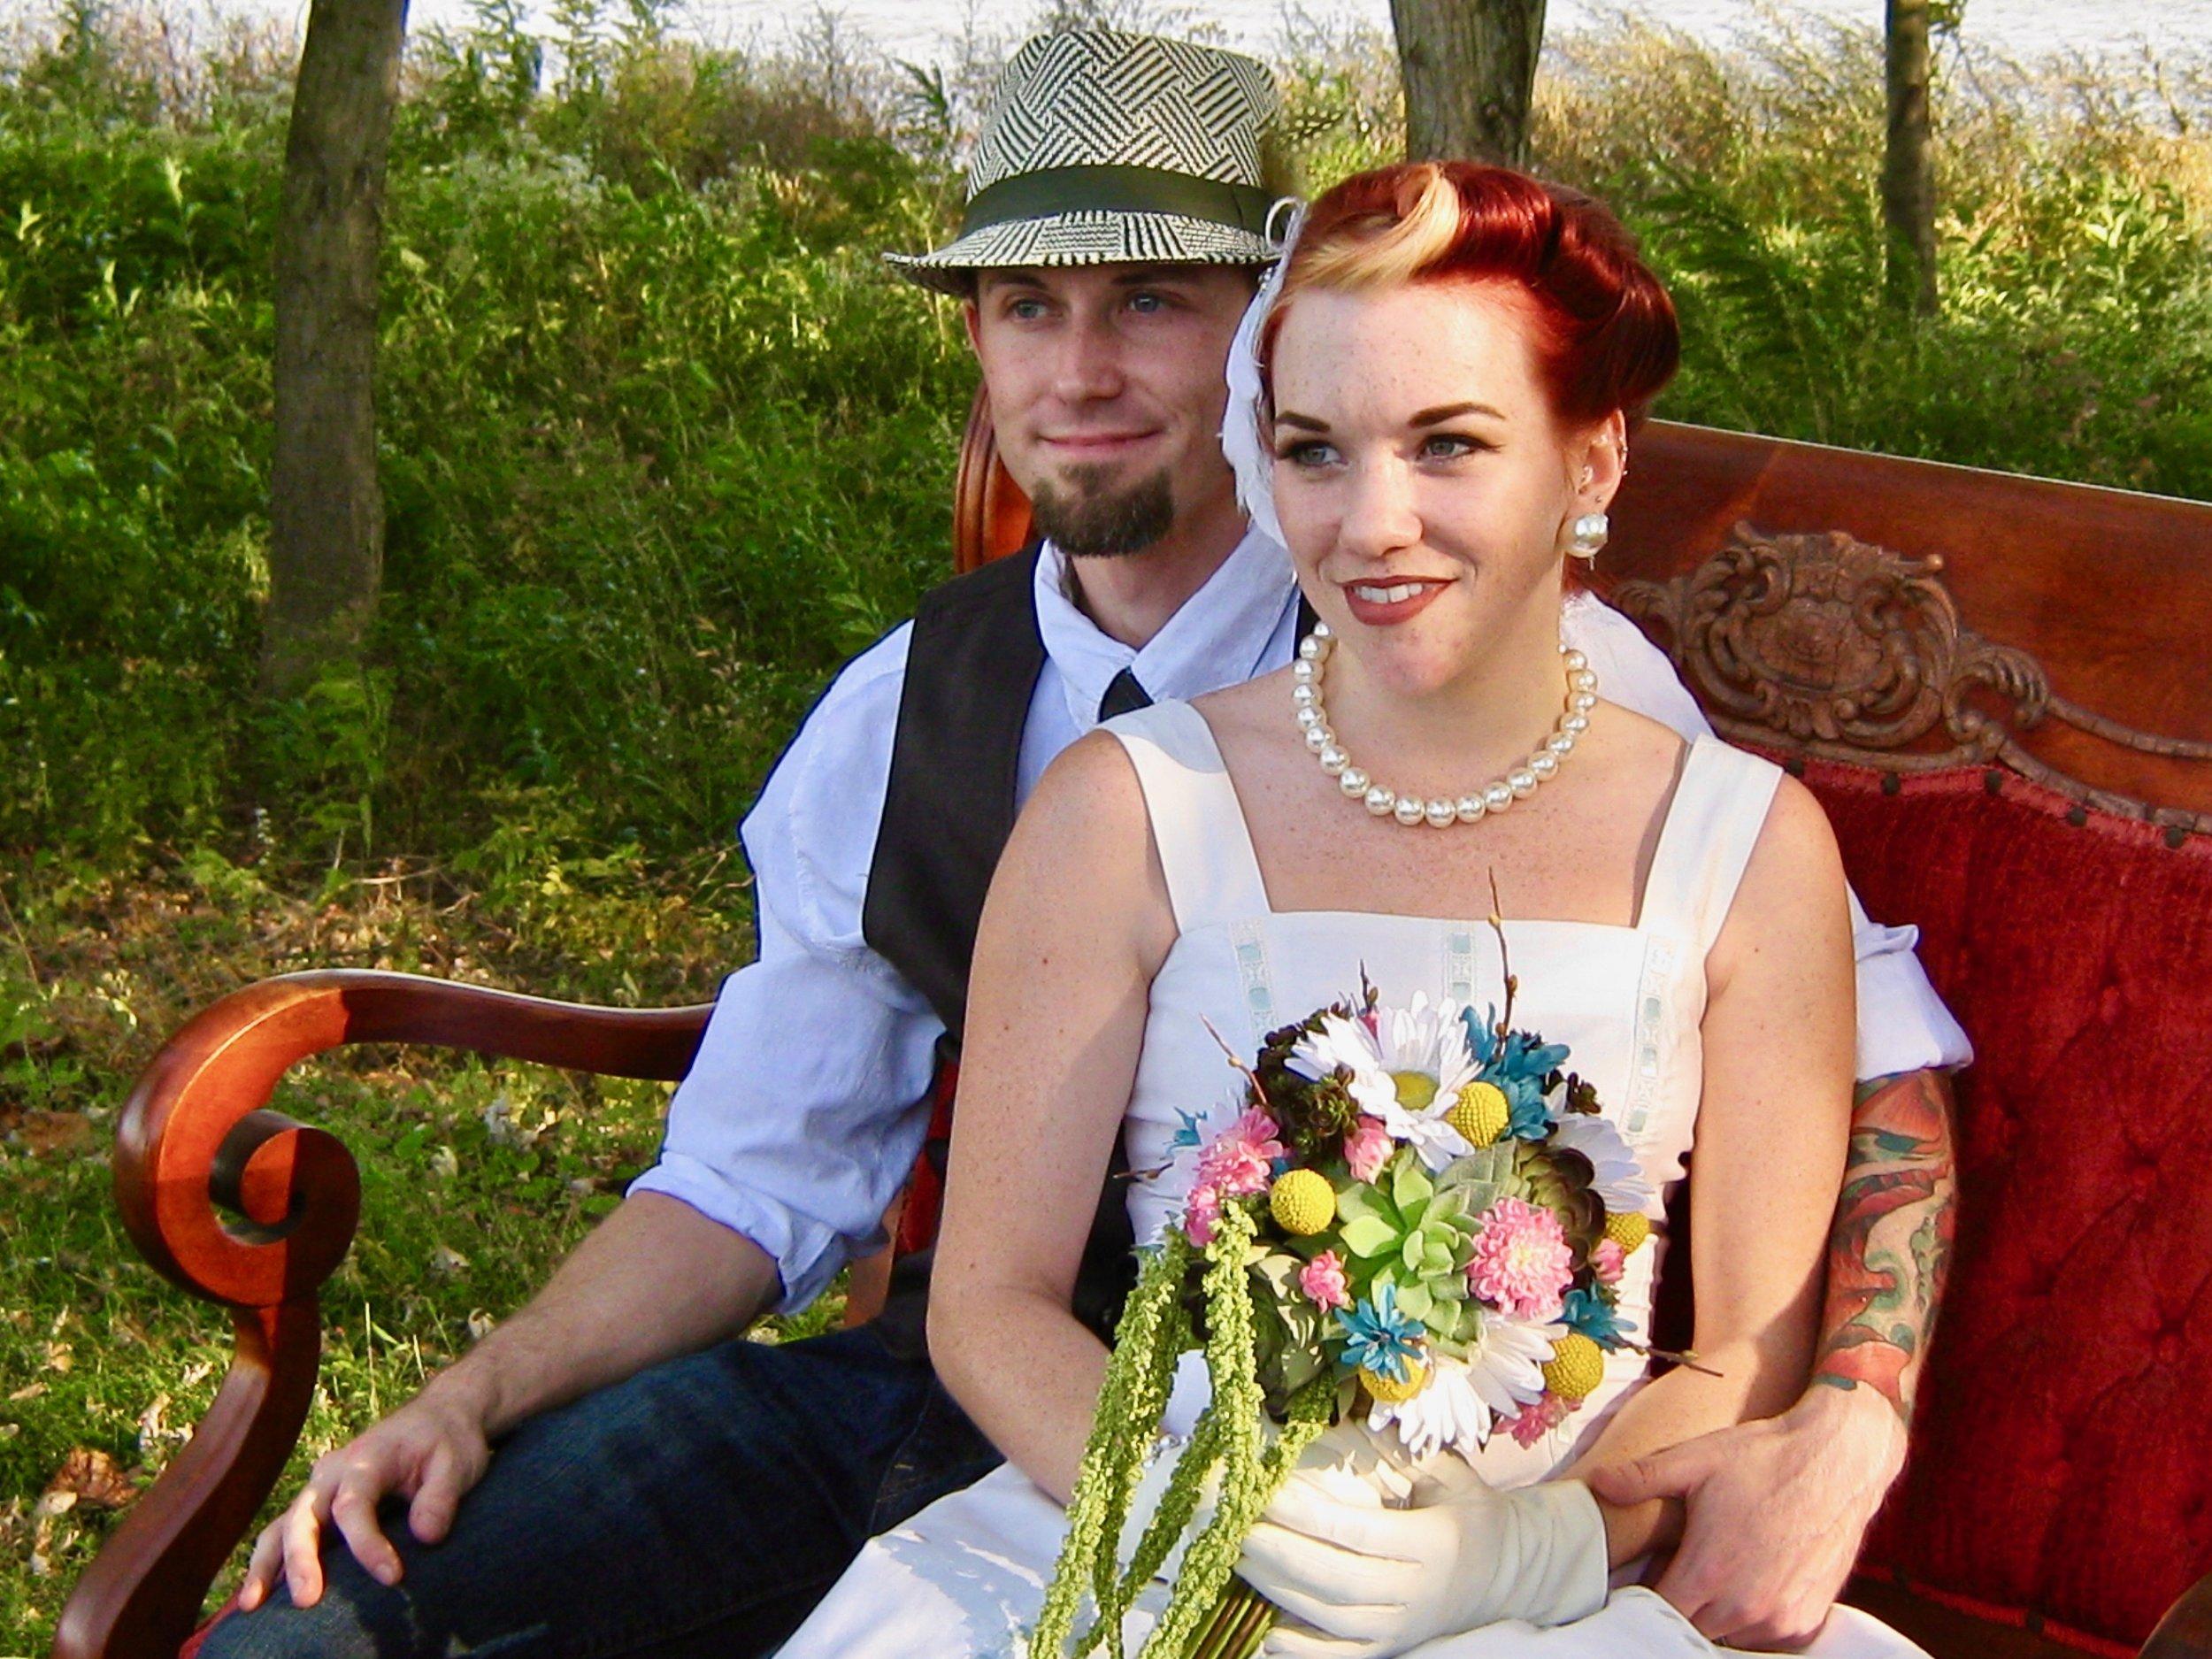 Garen & Melissa at their wedding.